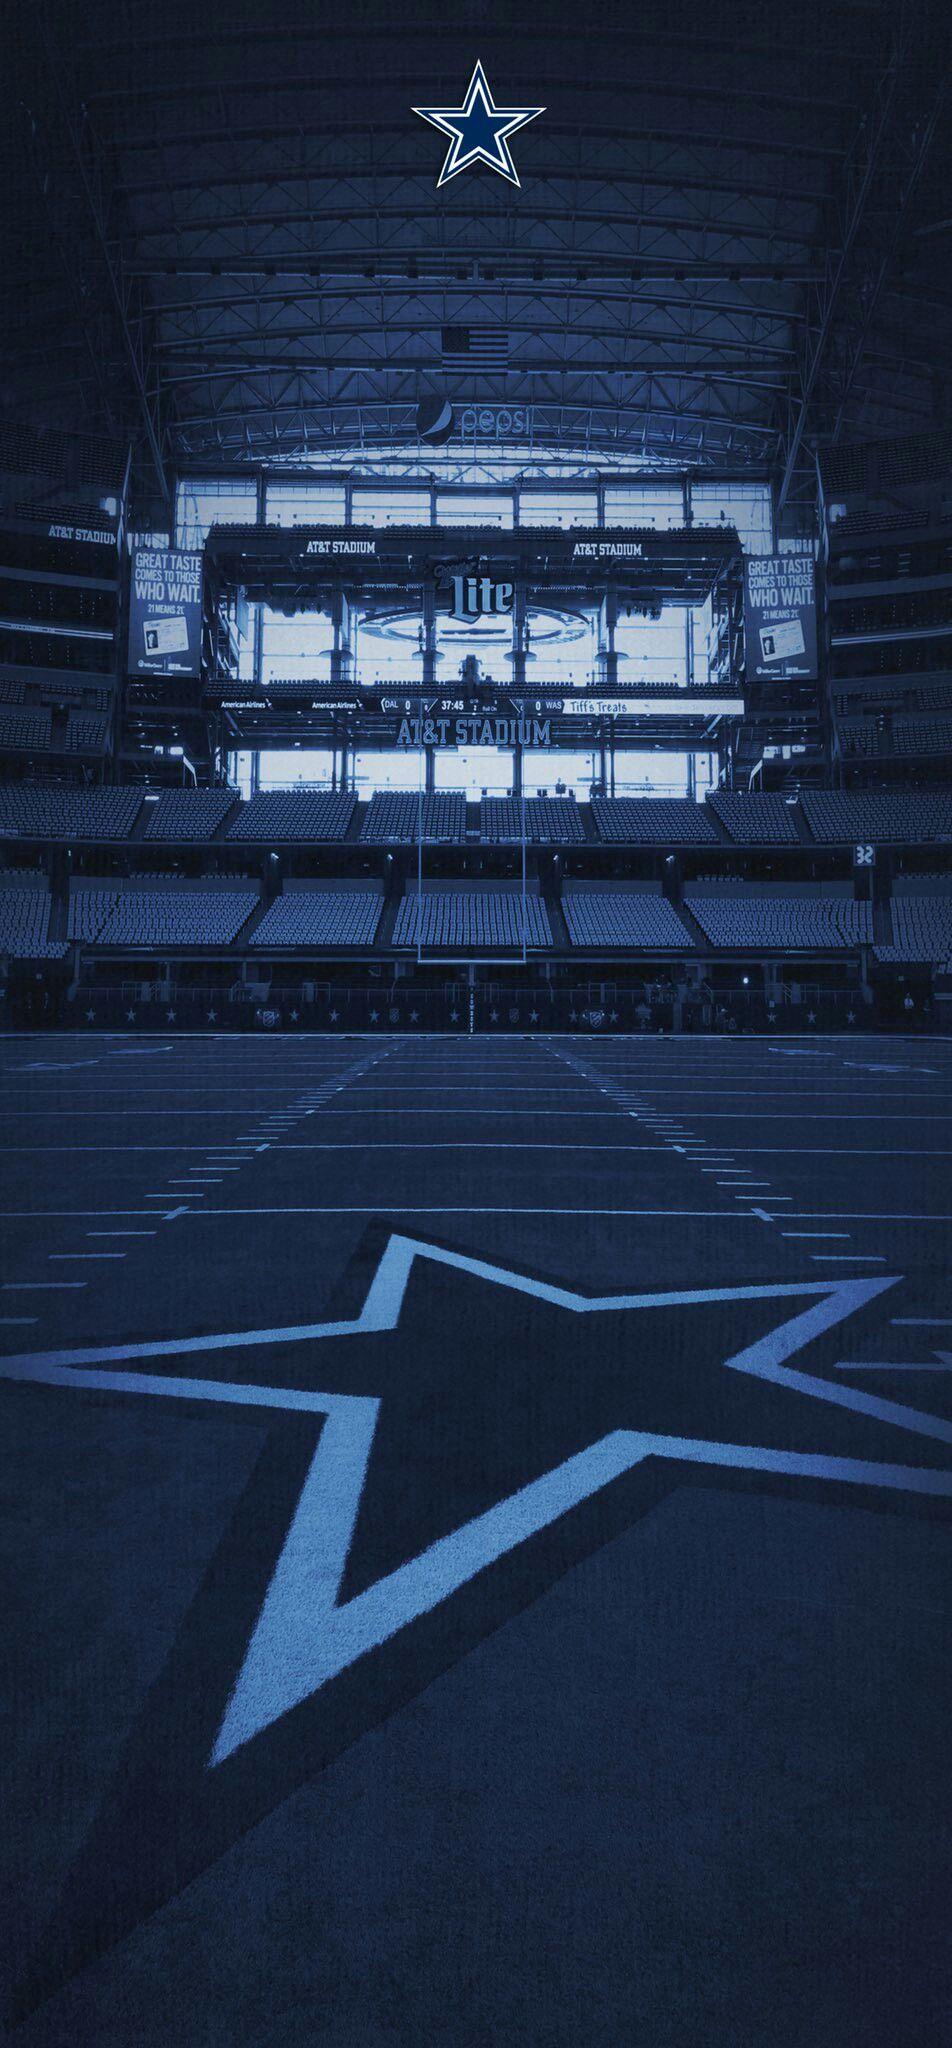 Dallascowboys Att Stadium Tdcfans Com Dallas Cowboys Wallpaper Dallas Cowboys Pictures Cowboys Stadium